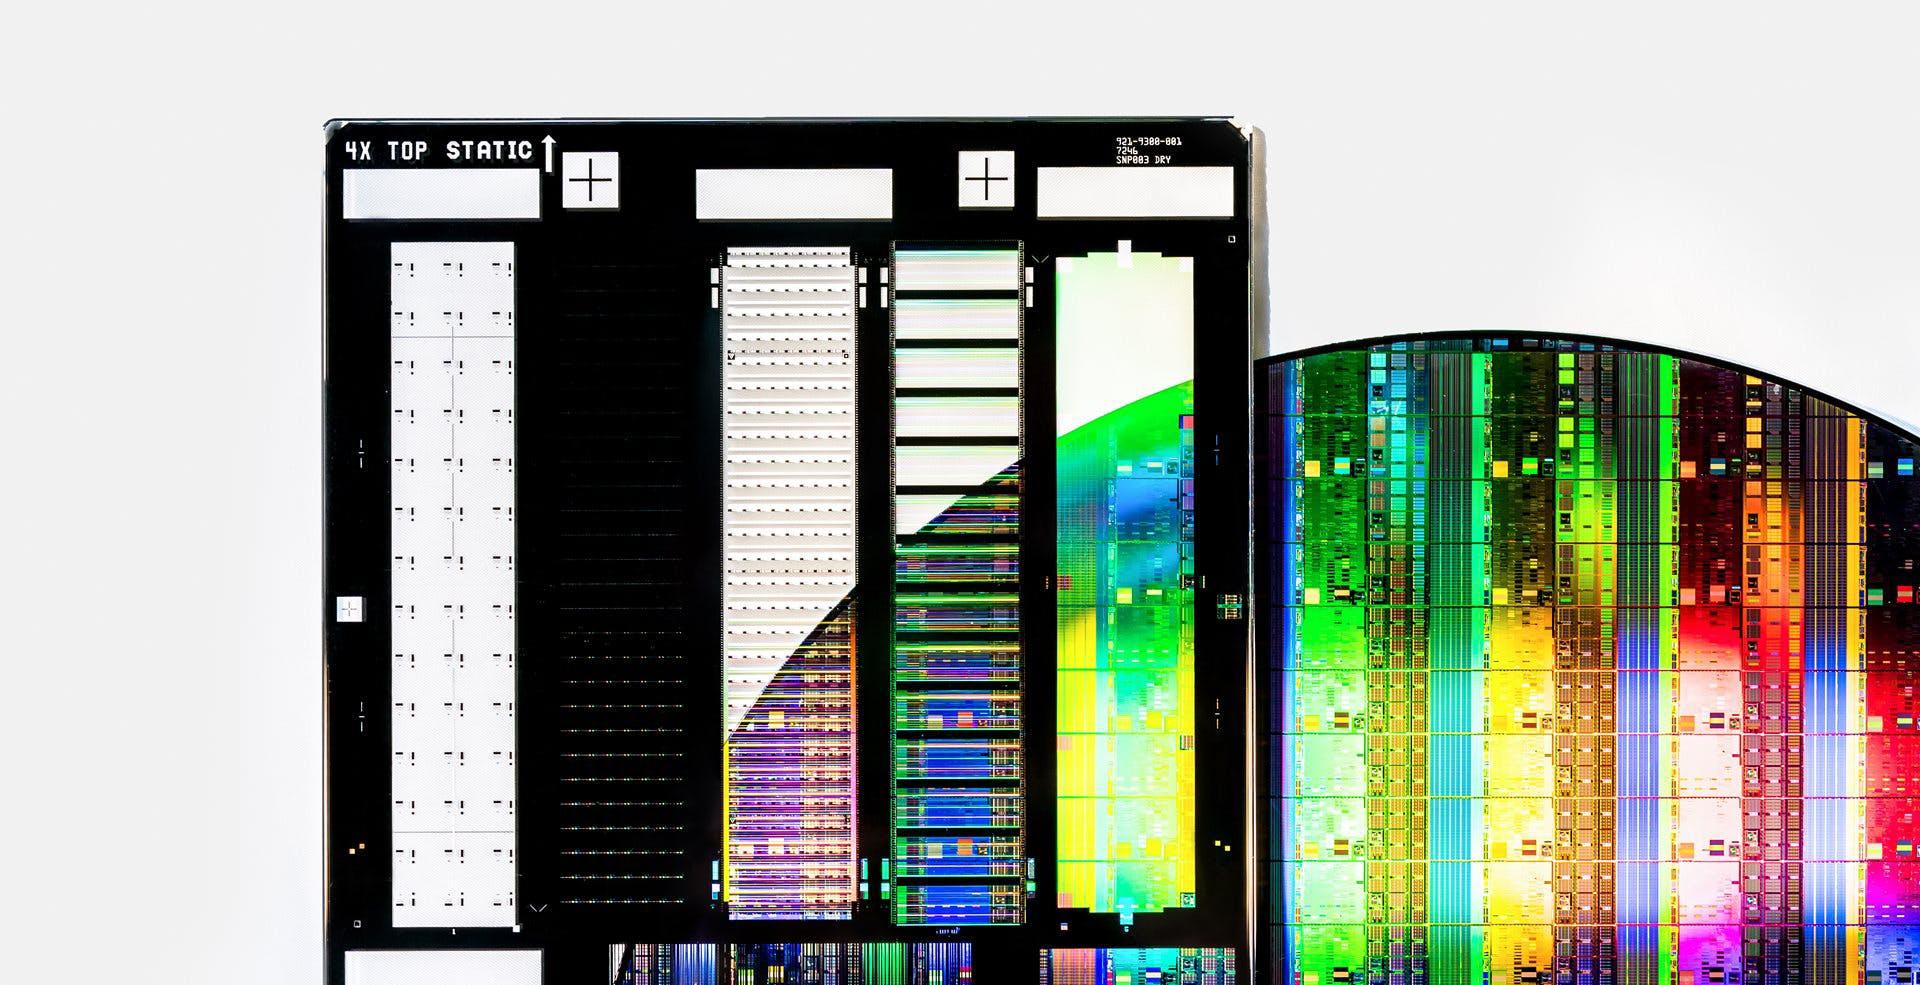 Ecco perché si produrranno con più facilità chip sotto i 7 nm: in arrivo le nuove pellicole per la fotolitografia EUV